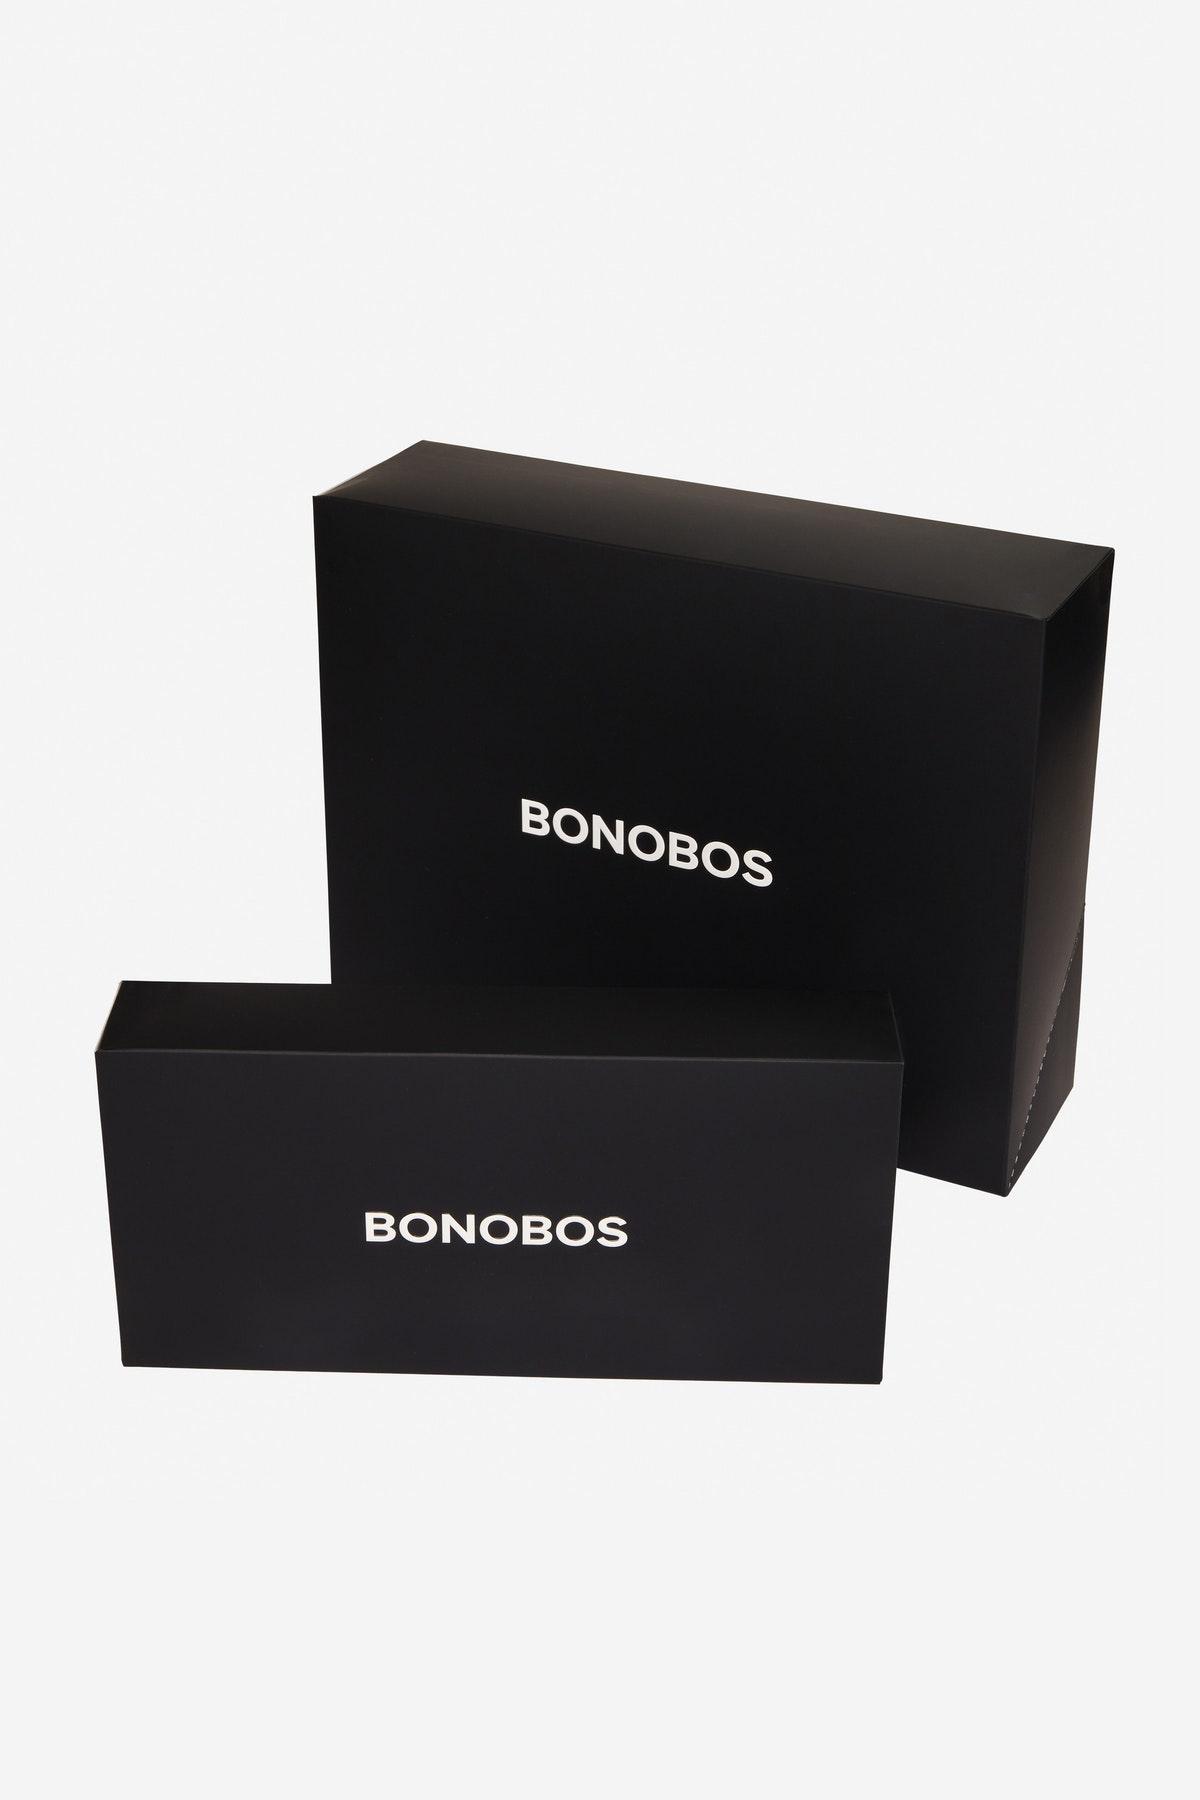 ce9c03f7e706 Bonobos  Better Fitting